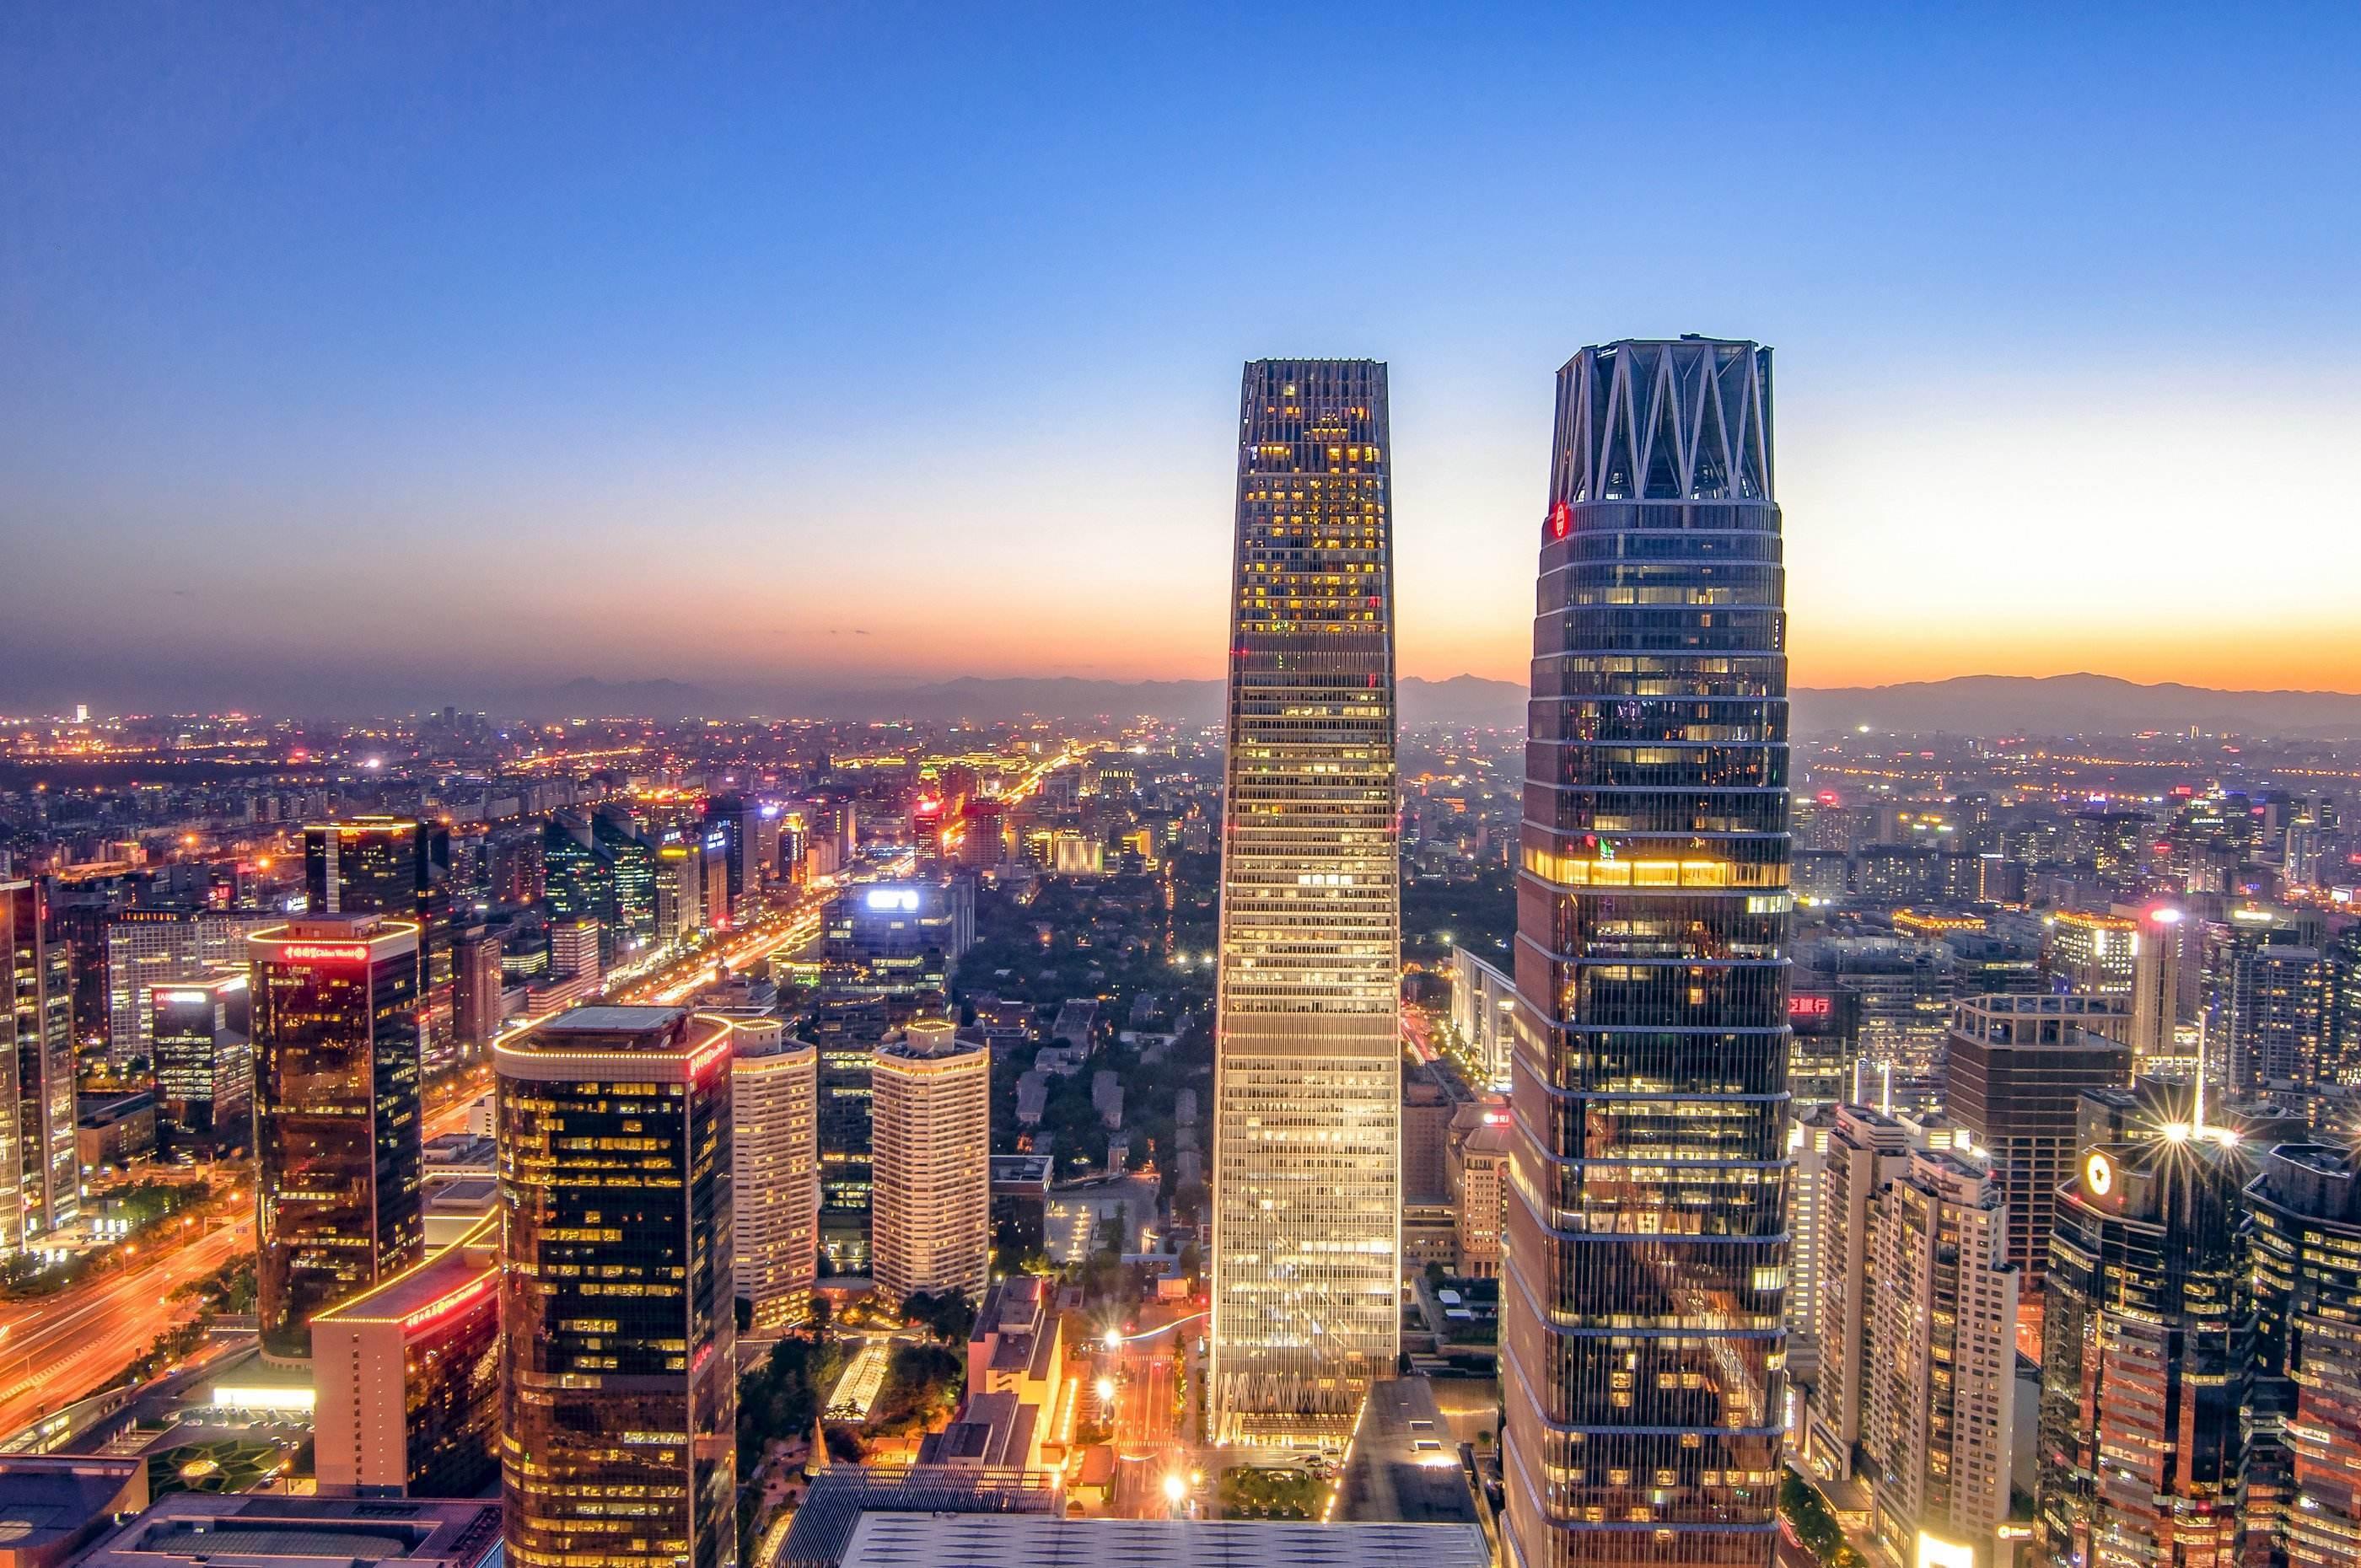 北京二手房价格跌回一年前部分城市楼市调控仍升级